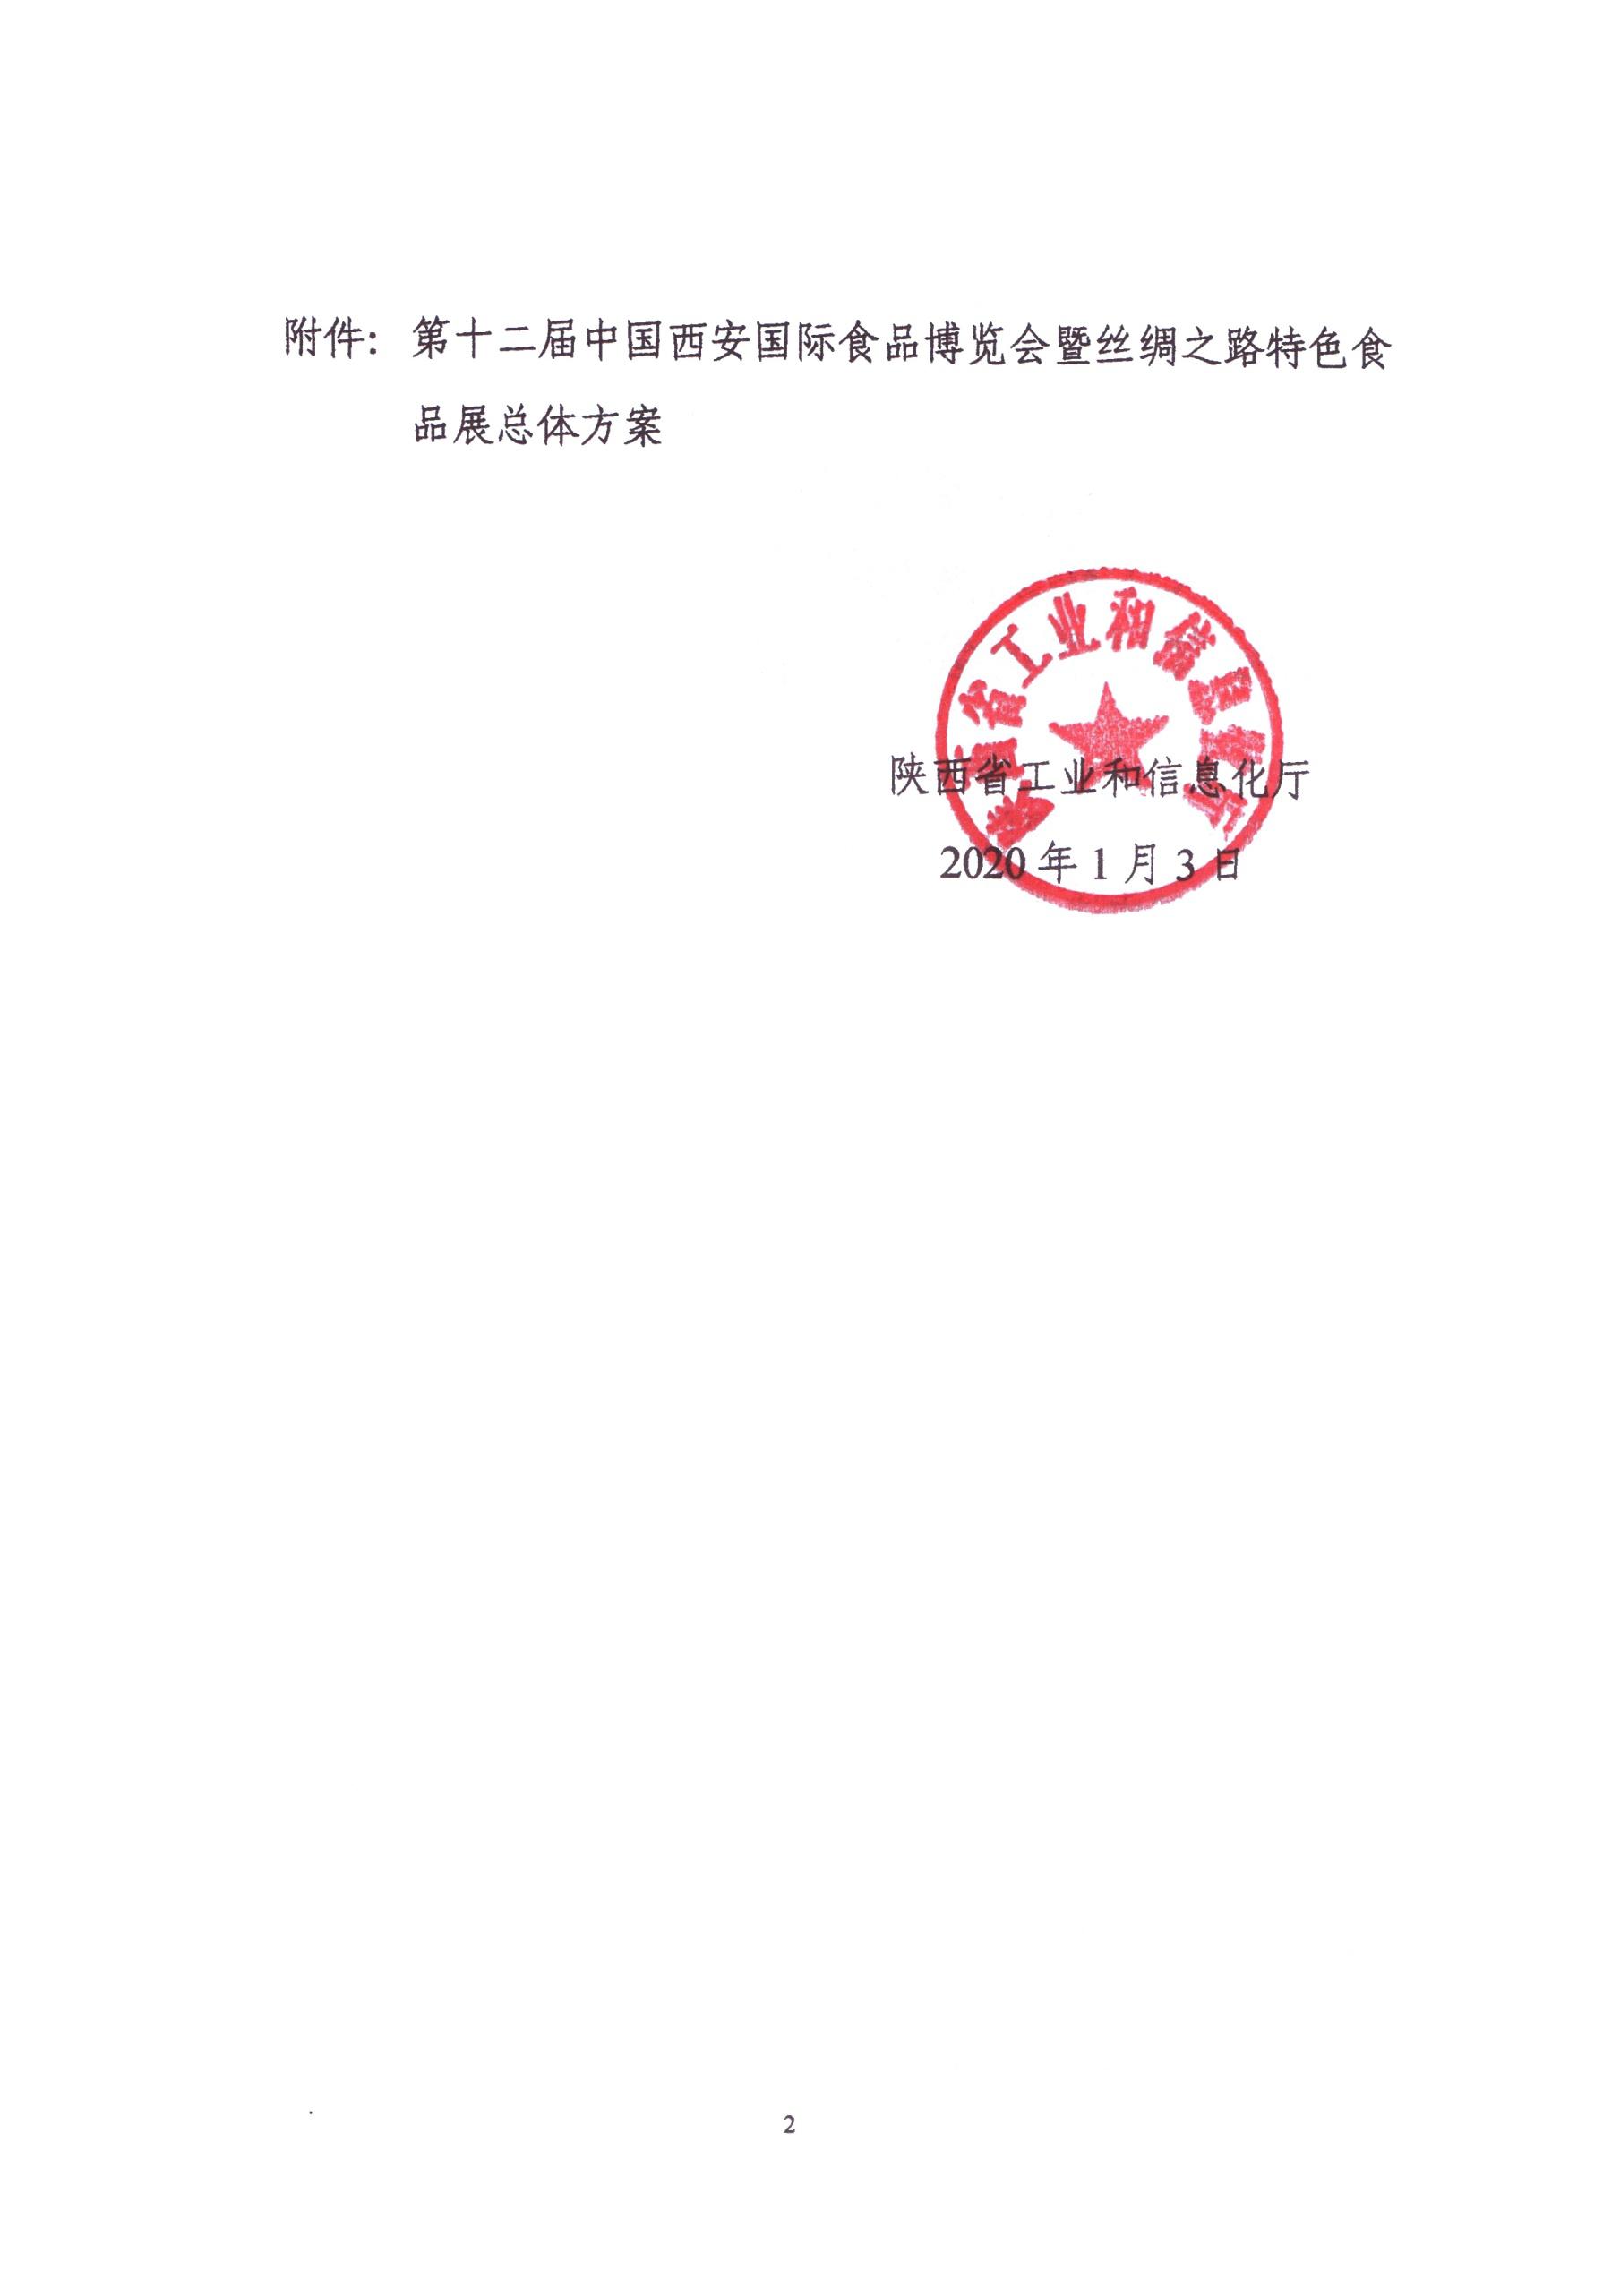 十二届食博会红头批文1.png